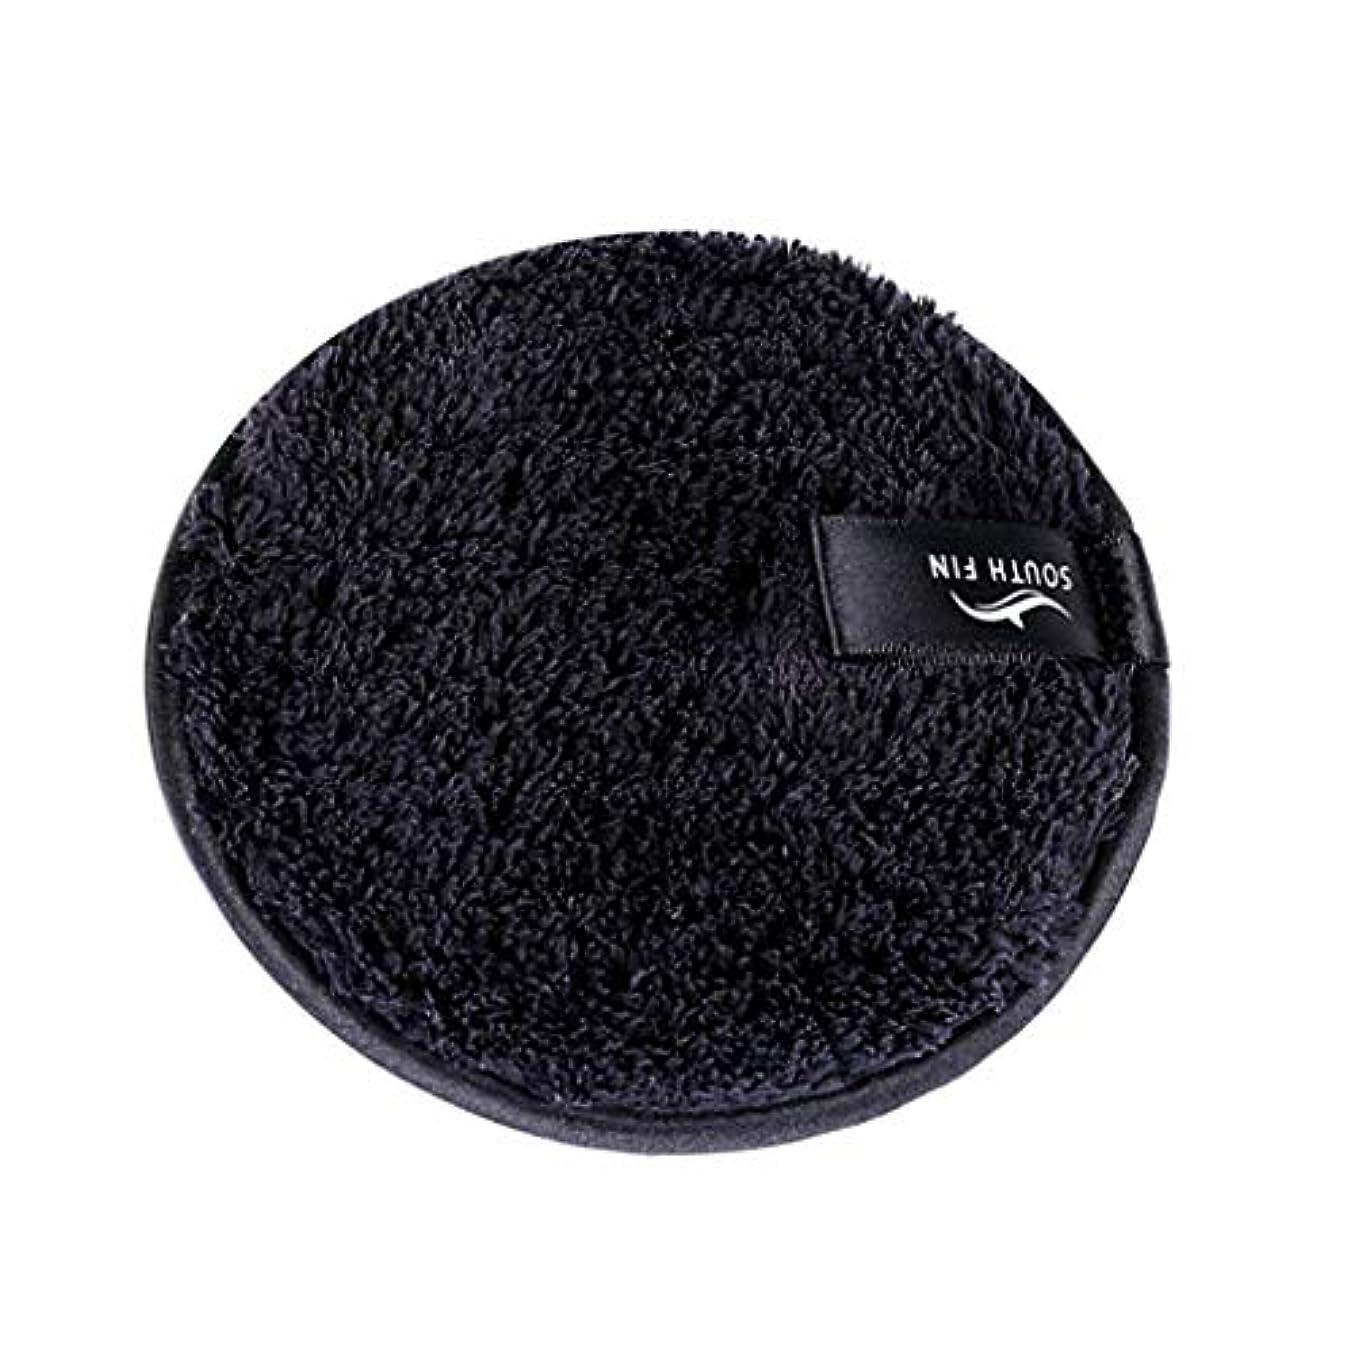 ループまたはどちらか運賃メイクリムーバー スポンジ パッド クレンジングパフ 洗顔 スキンケア 3色選べ - ブラック